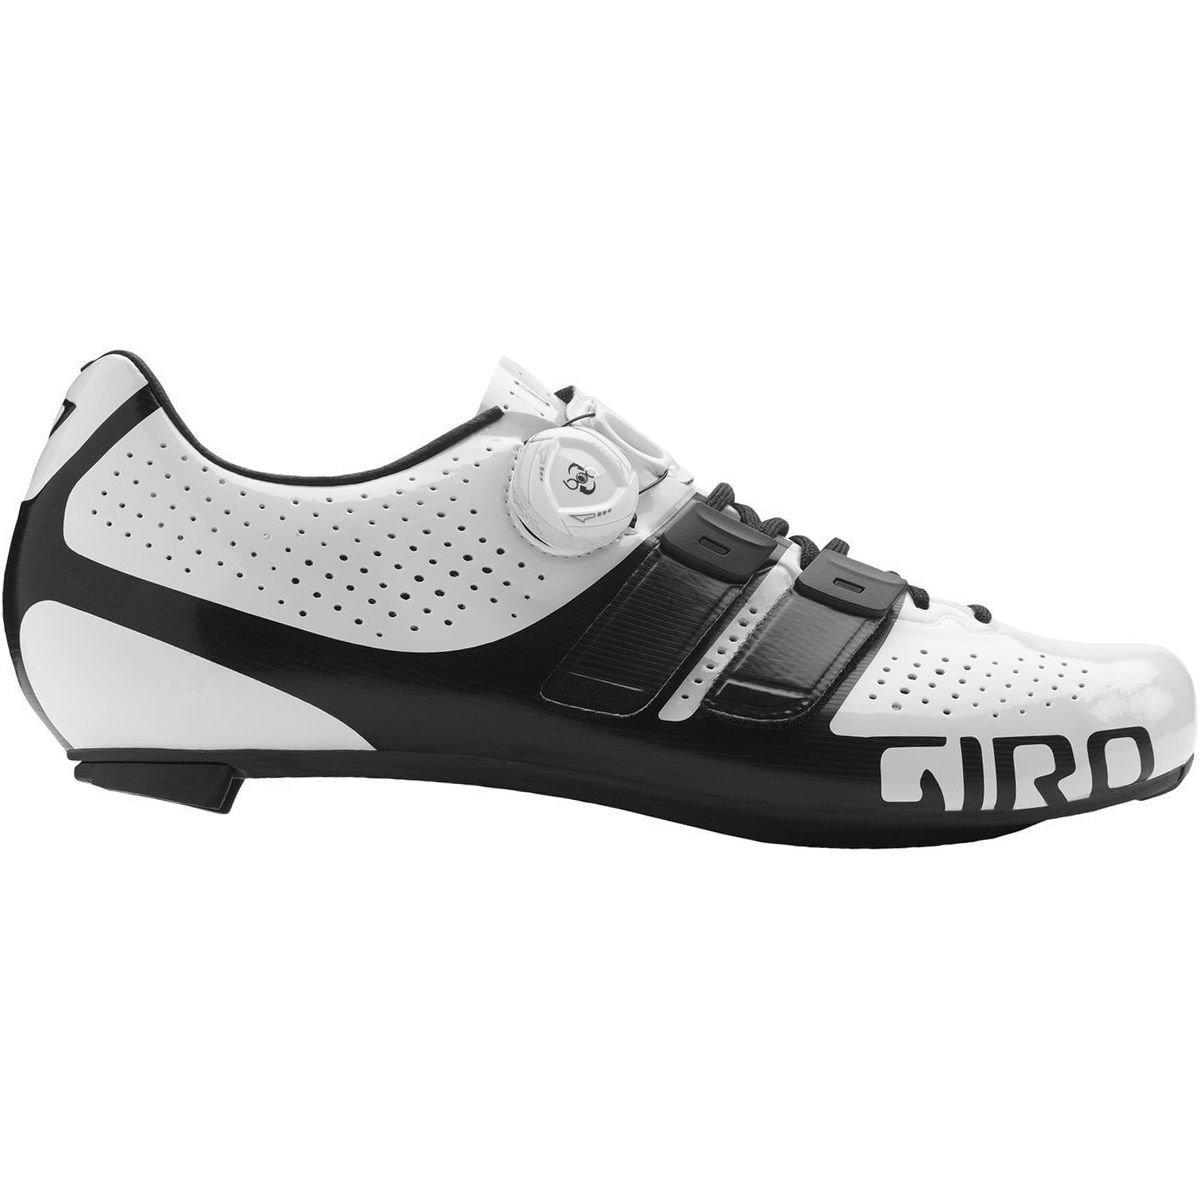 [ジロ Giro] メンズ スポーツ サイクリング Factor Techlace Shoe [並行輸入品] B07FN978C6 40